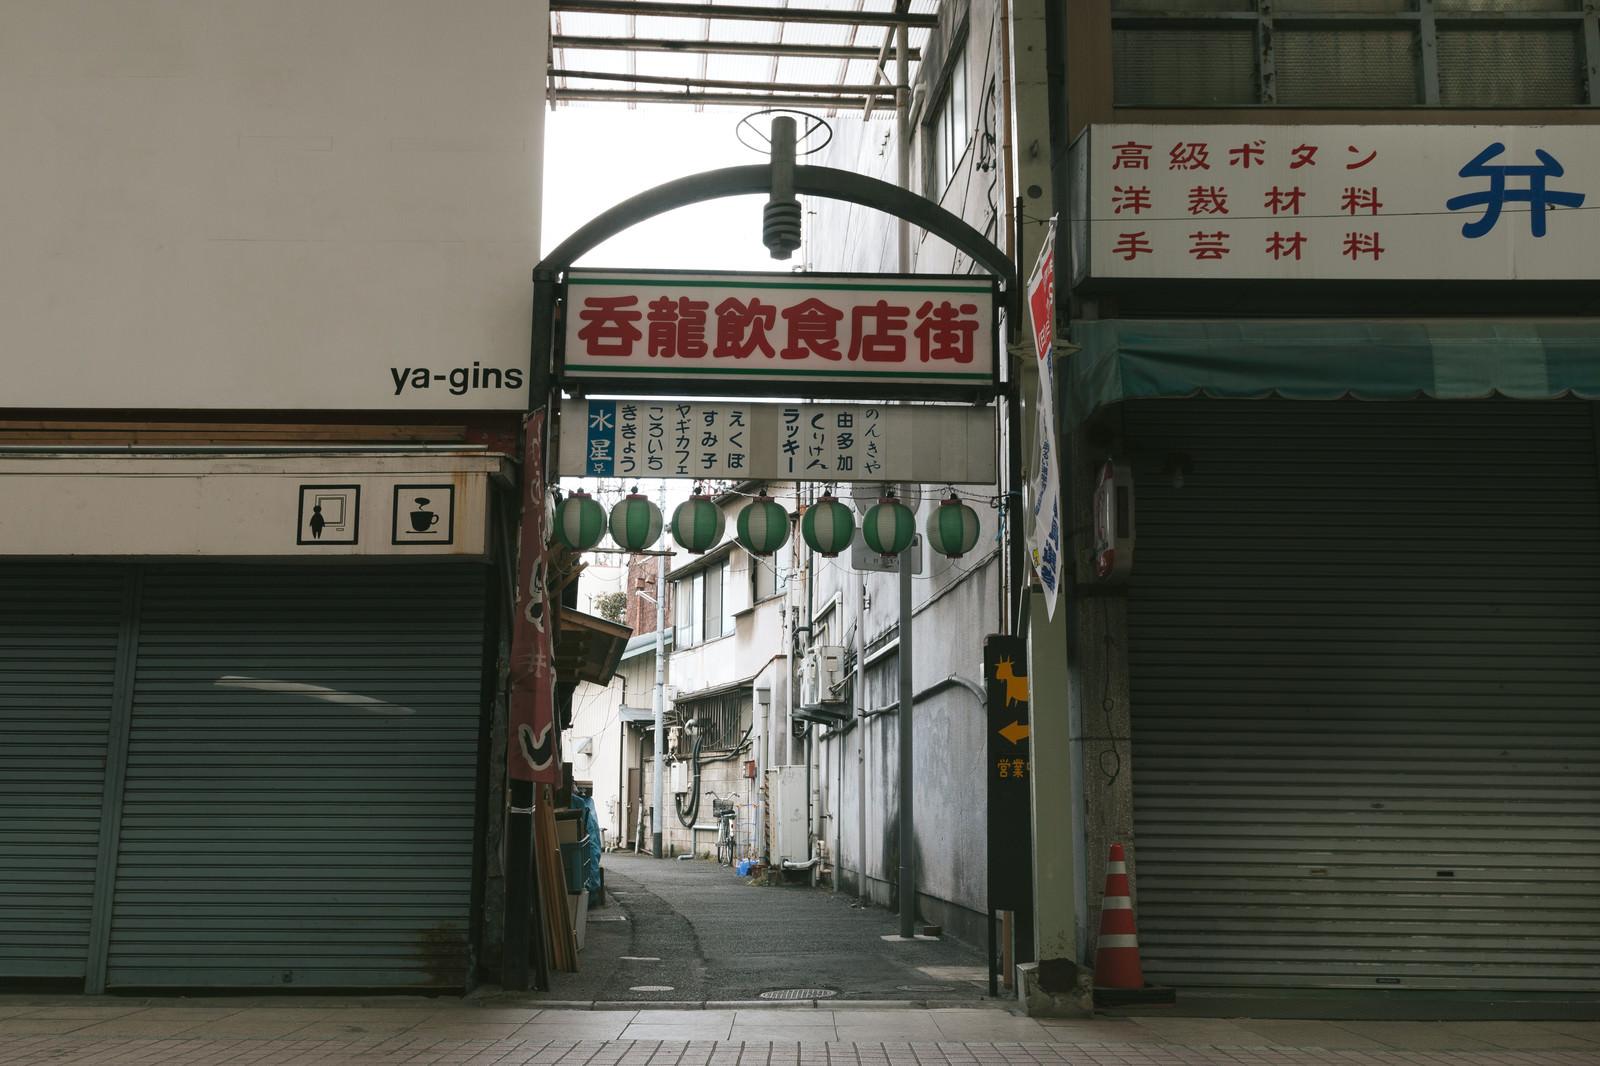 「呑龍飲食店街(前橋中心商店街)」の写真